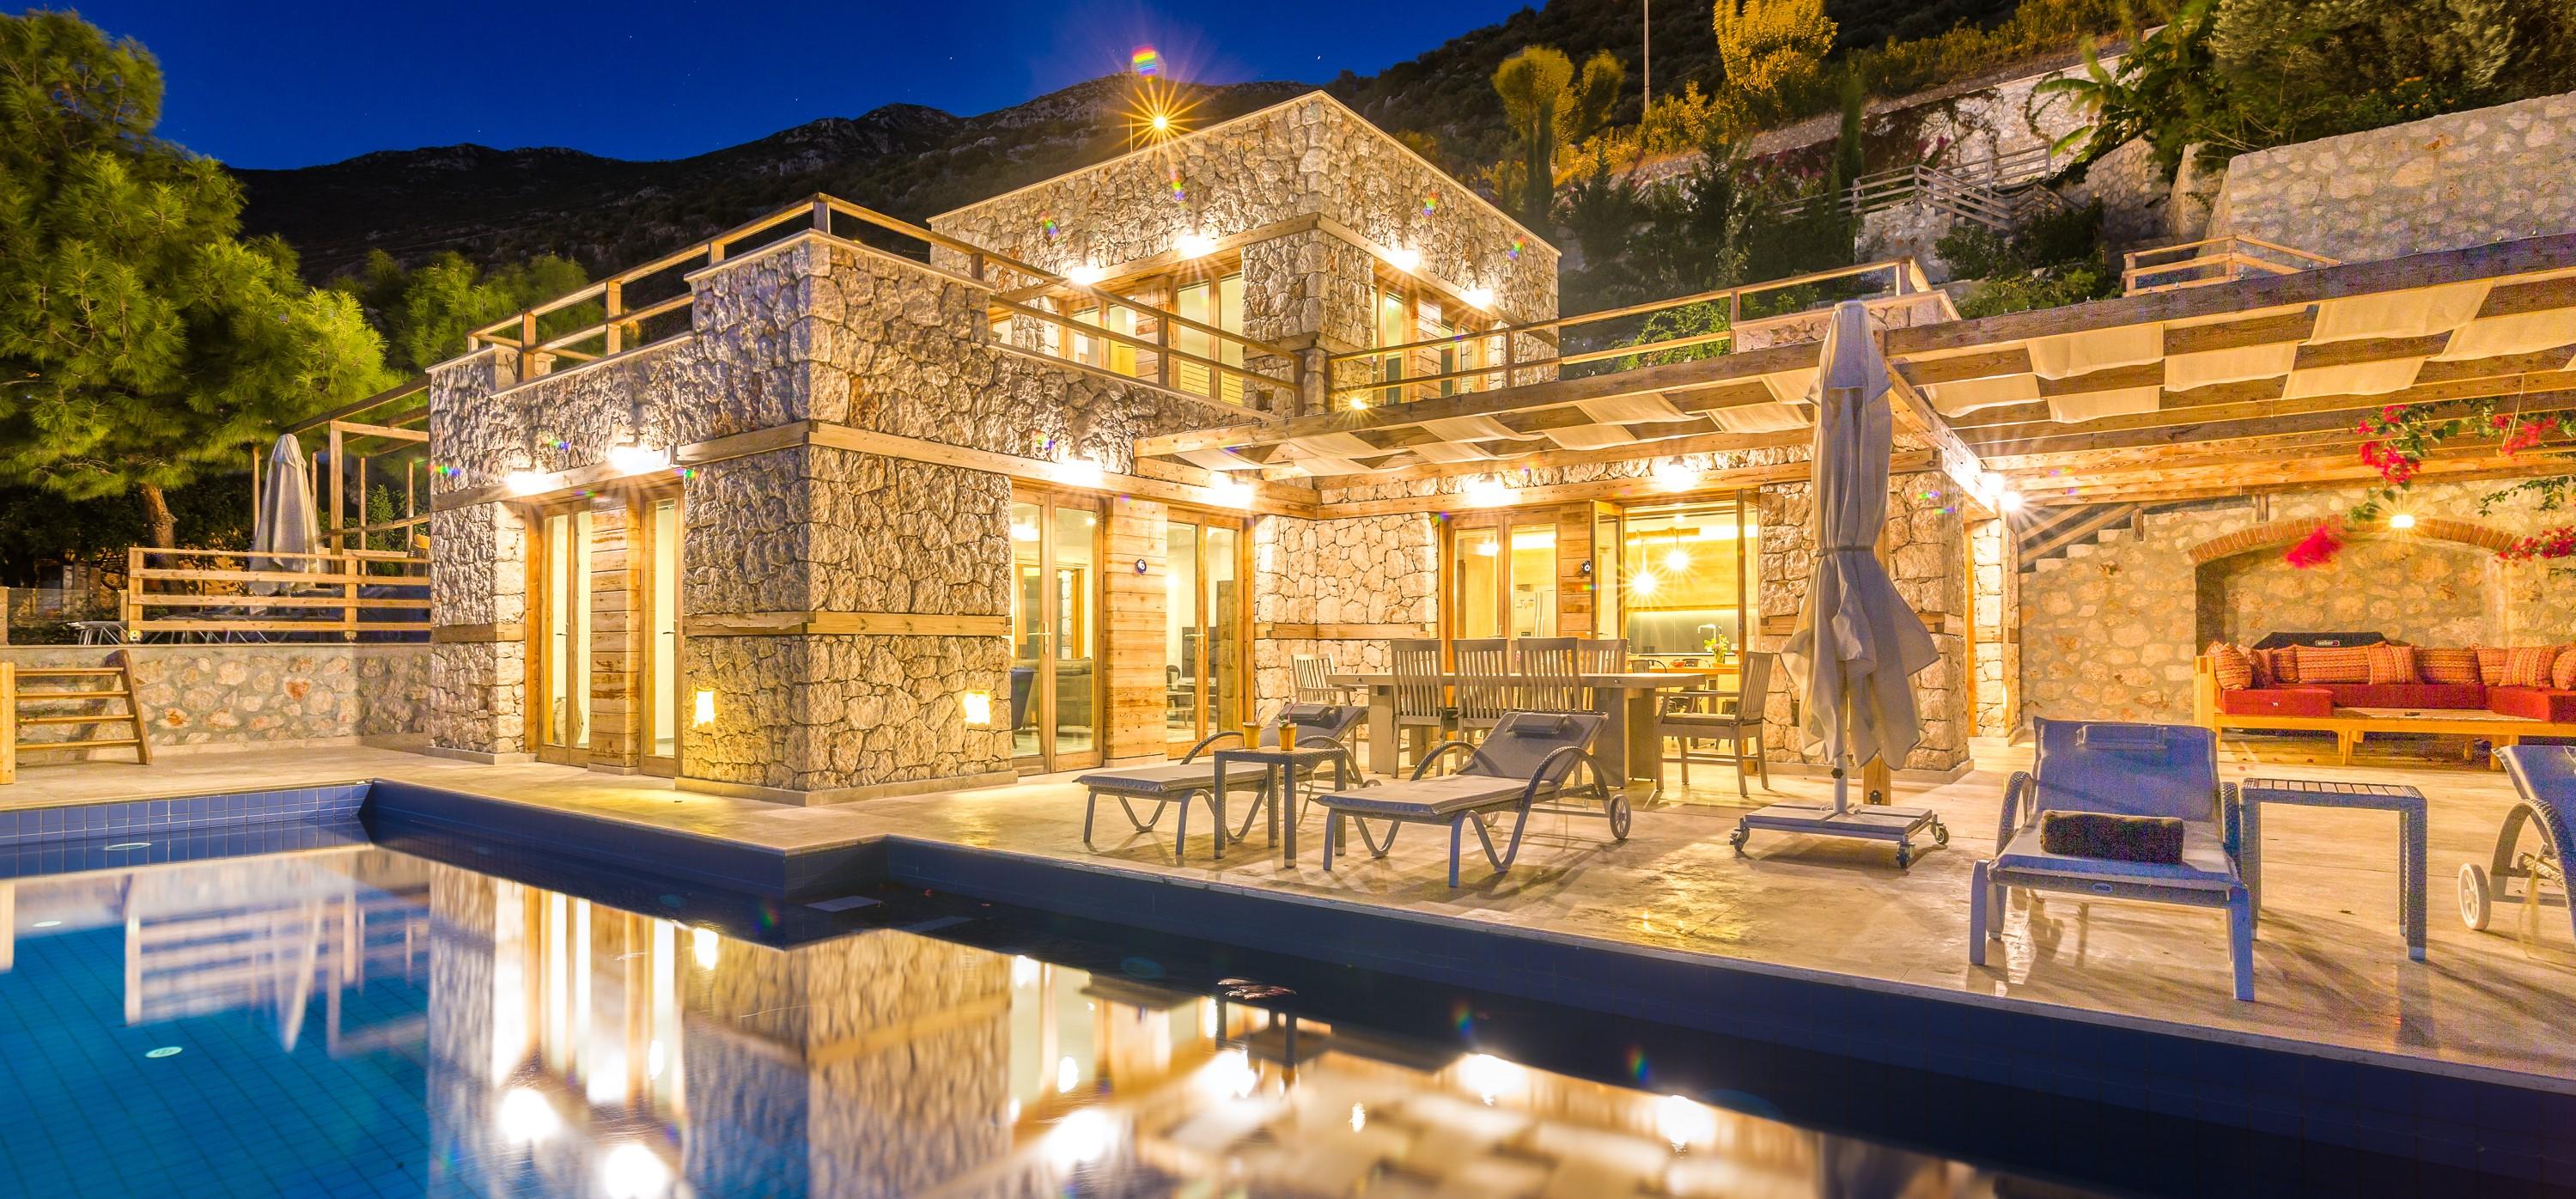 villa-malikani-kalkan-night